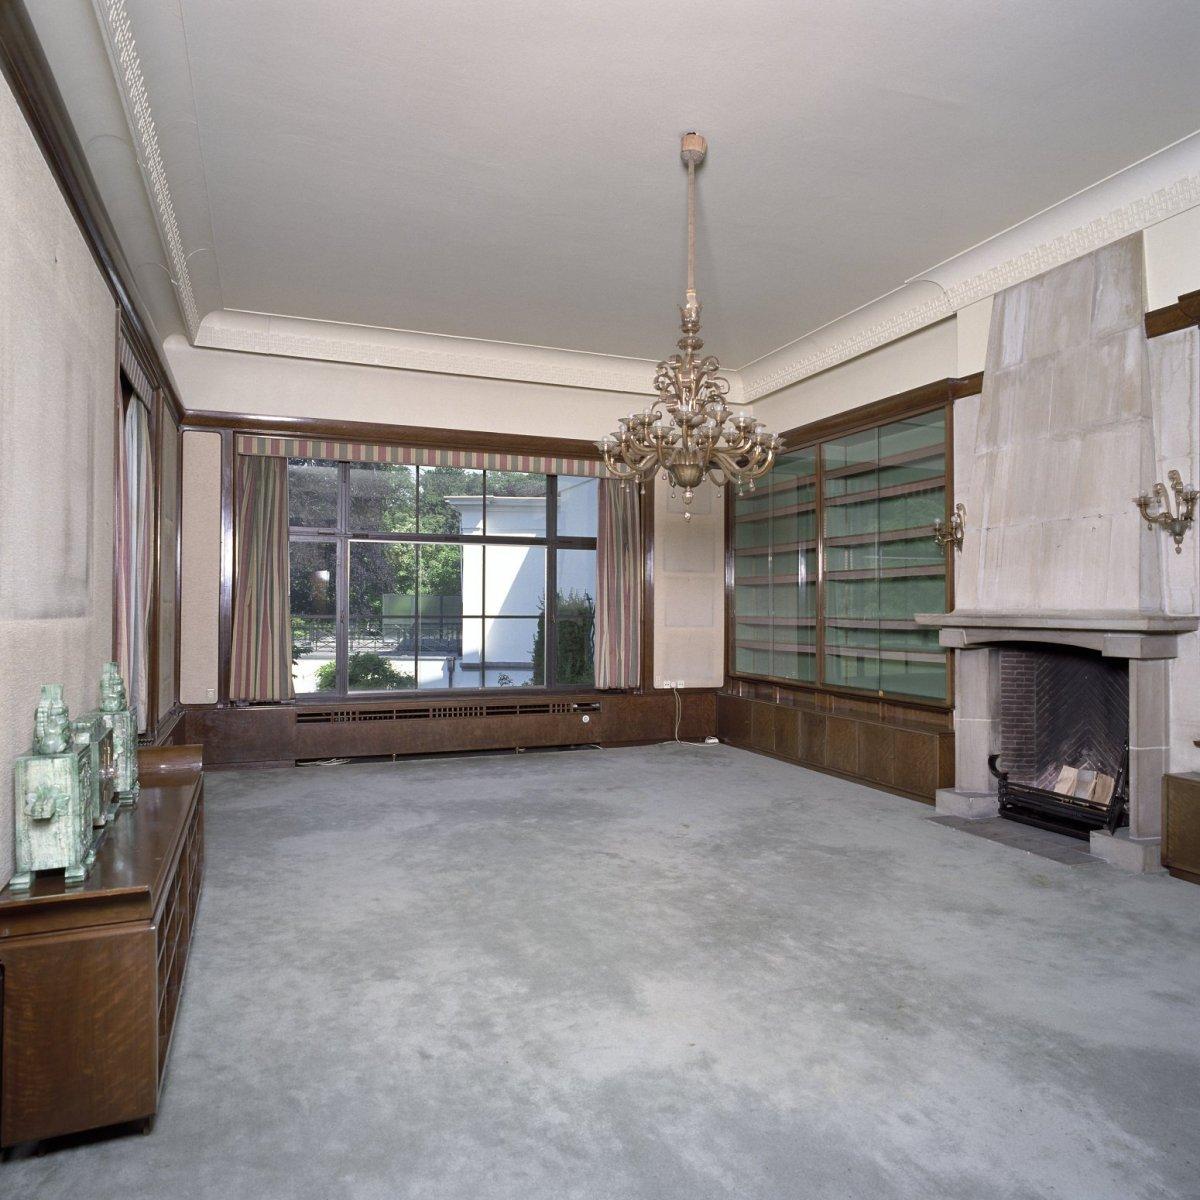 Bestand:Interieur, overzicht van de lege bibliotheek annex woonkamer ...